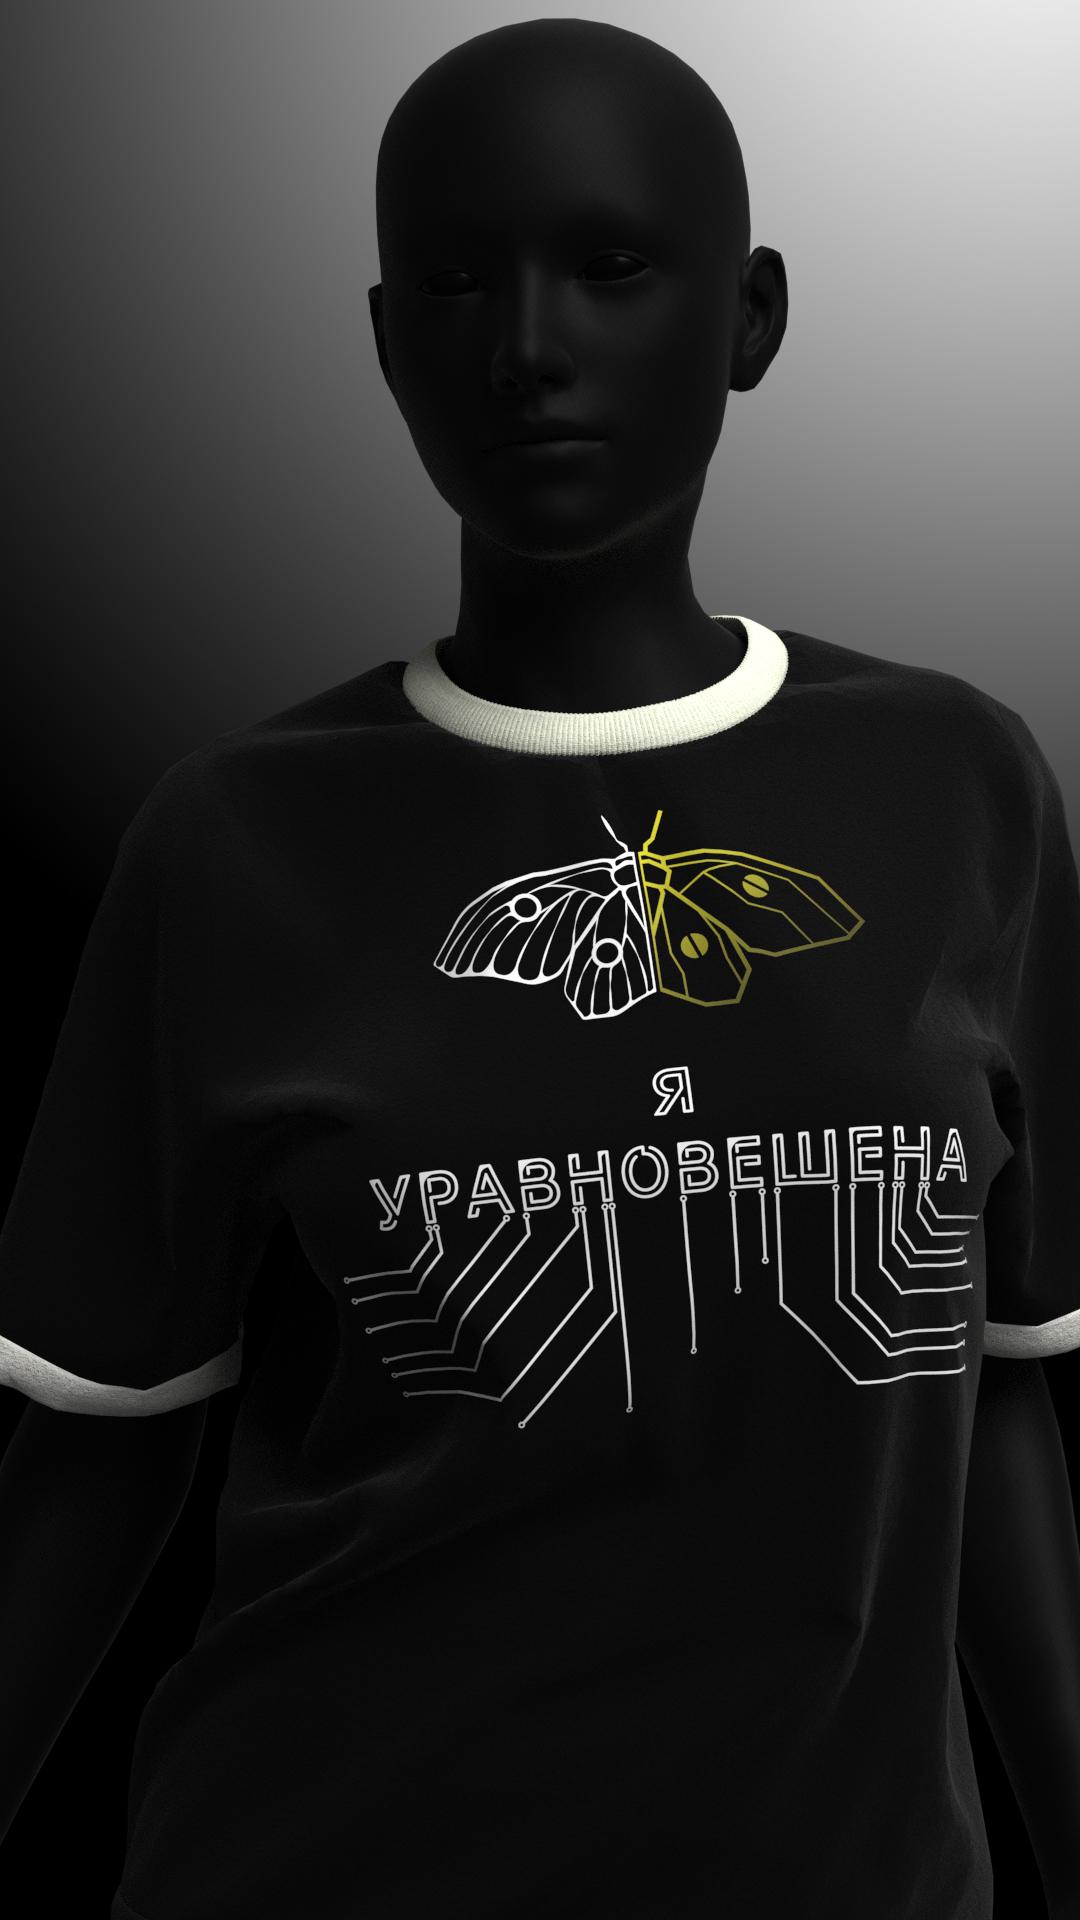 Нарисовать принты на футболки для компании Моторика фото f_45760a00b611ca6d.jpg